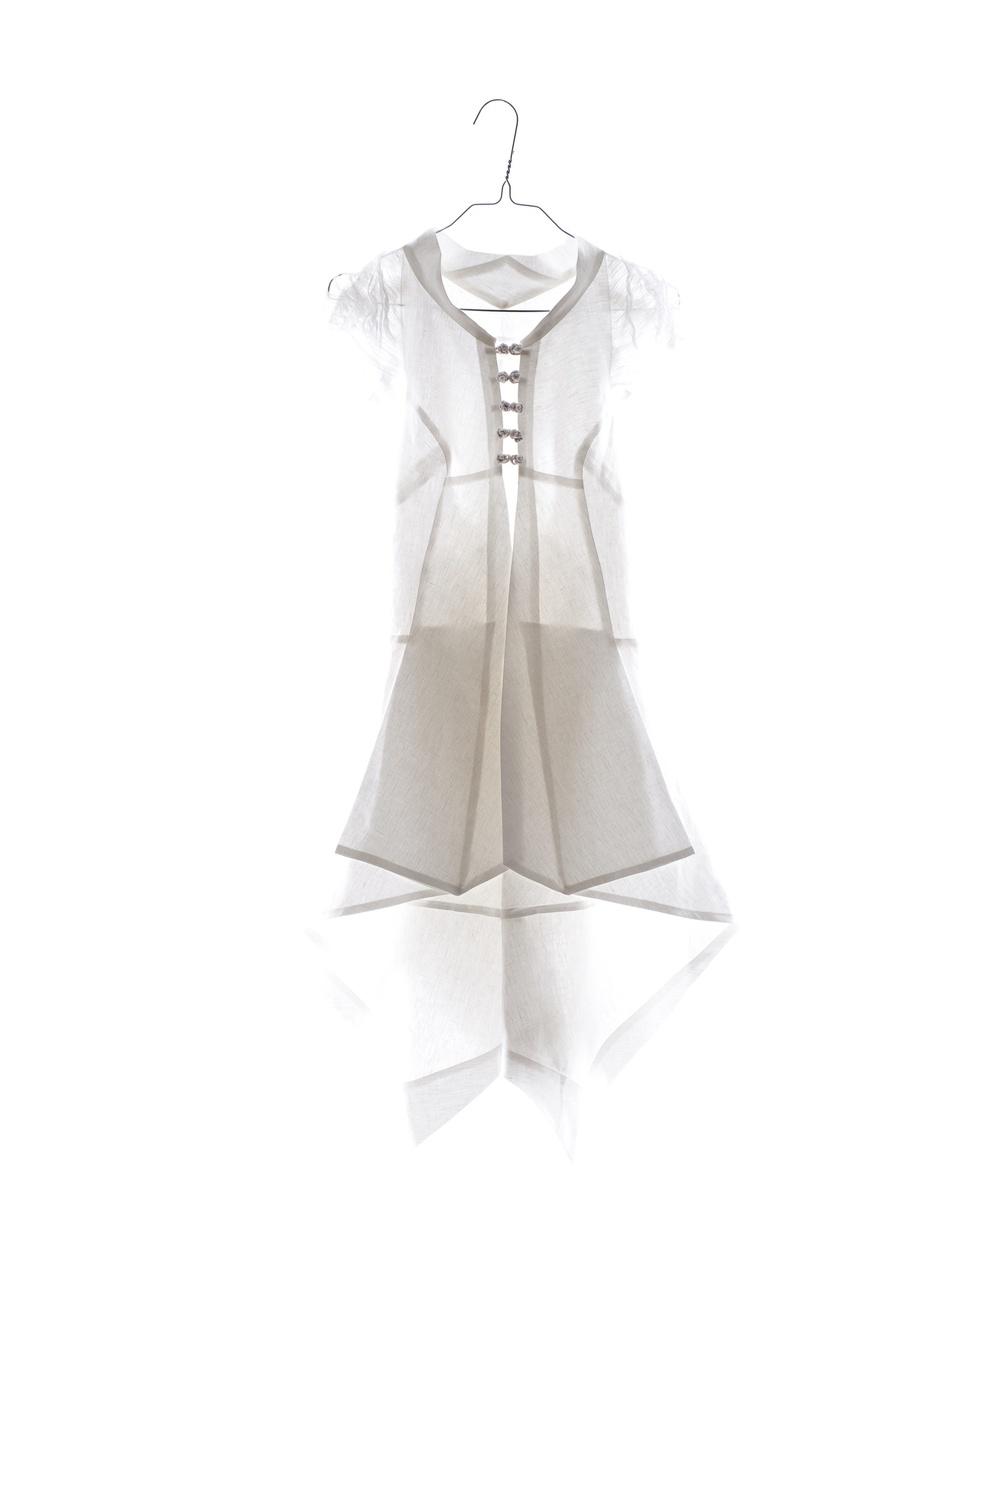 8_e_links_06_Garments.jpg